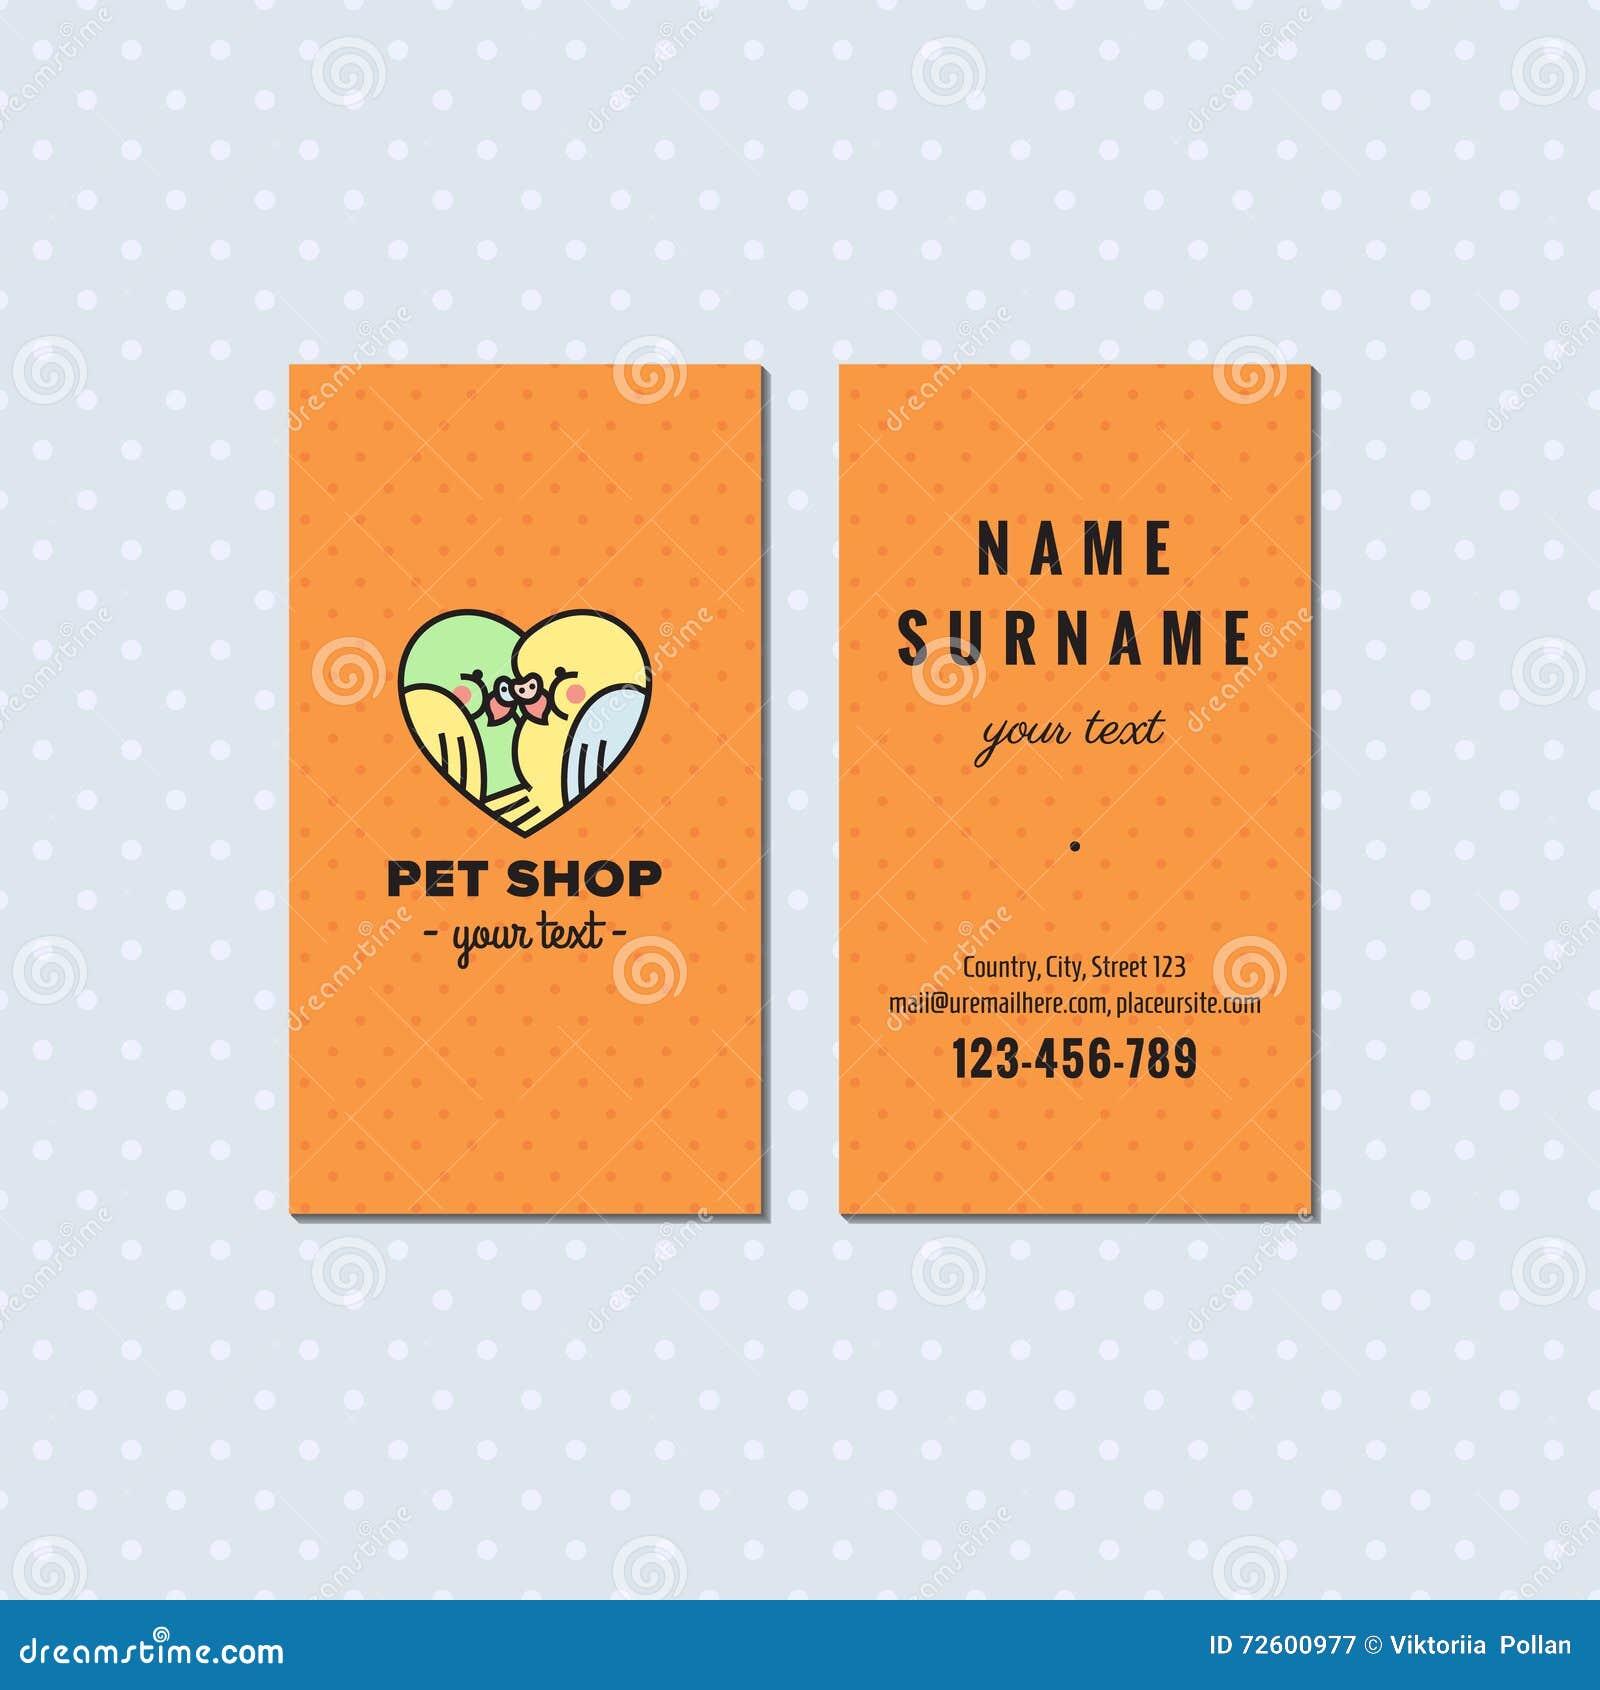 Carte De Visite Professionnelle Orange Vecteur Magasin Btes Logo Multicolore Mignon